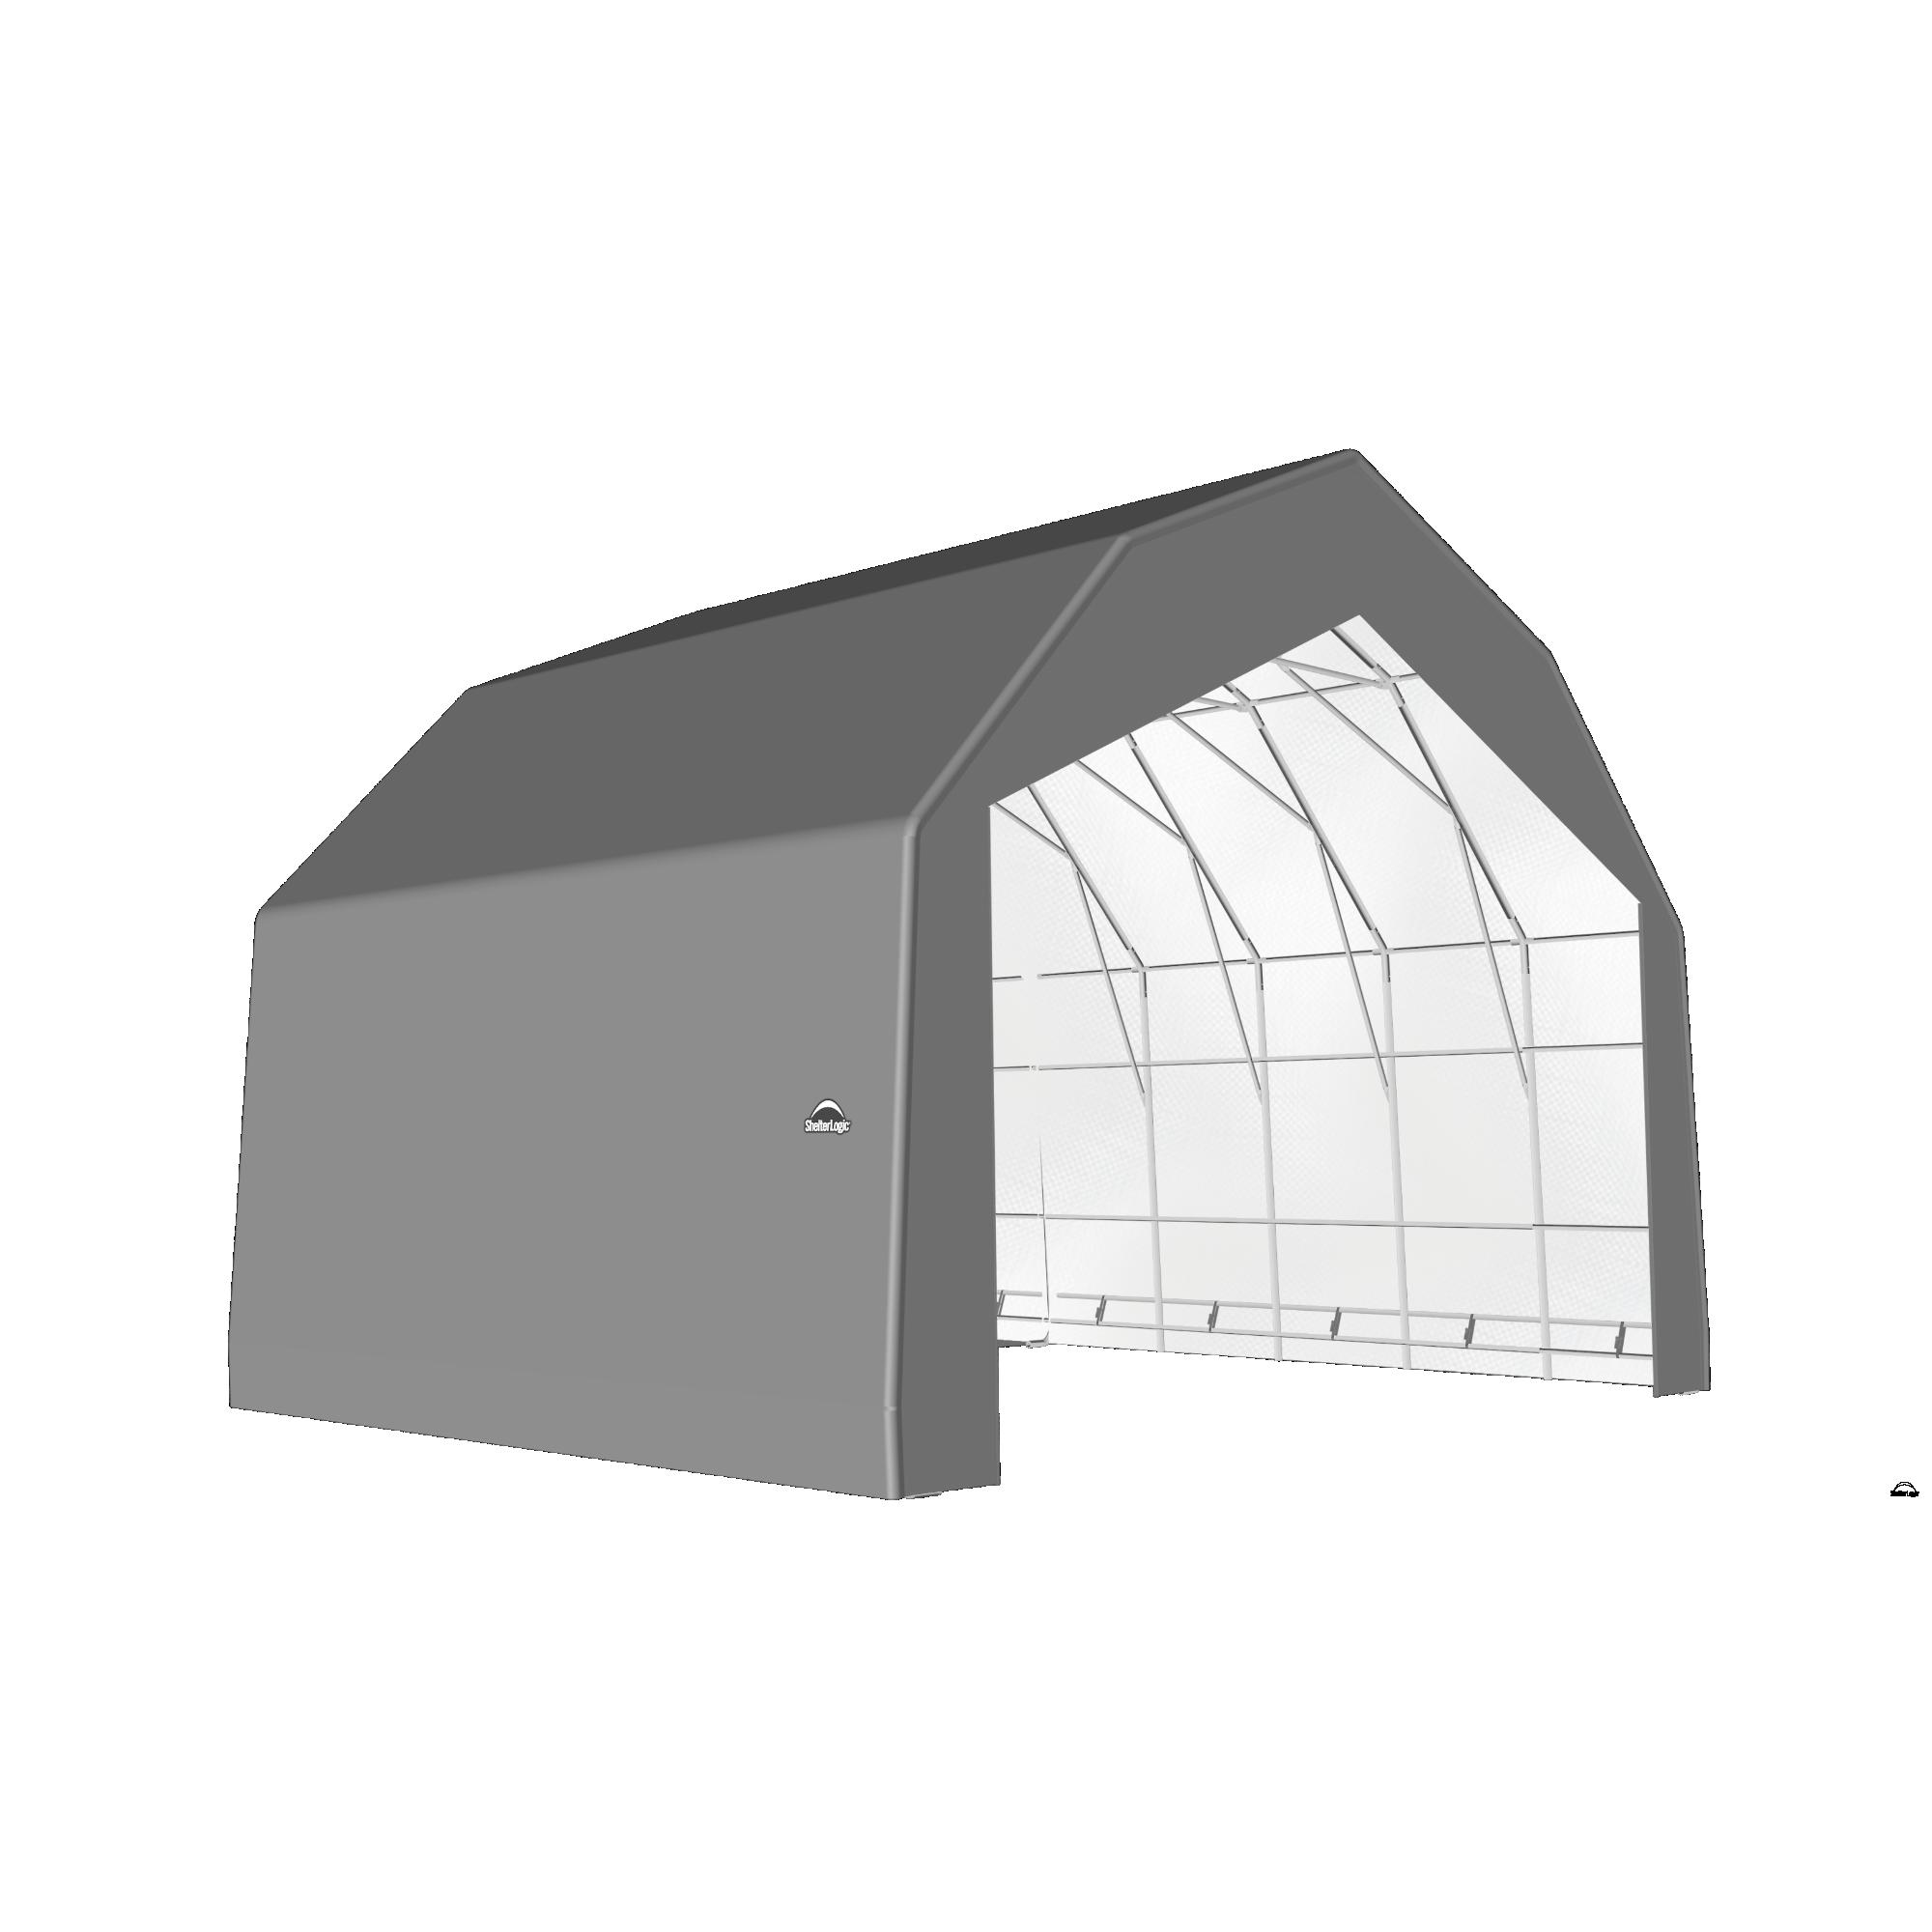 SP Barn 30X20X21 Gray 14 oz PE Shelter